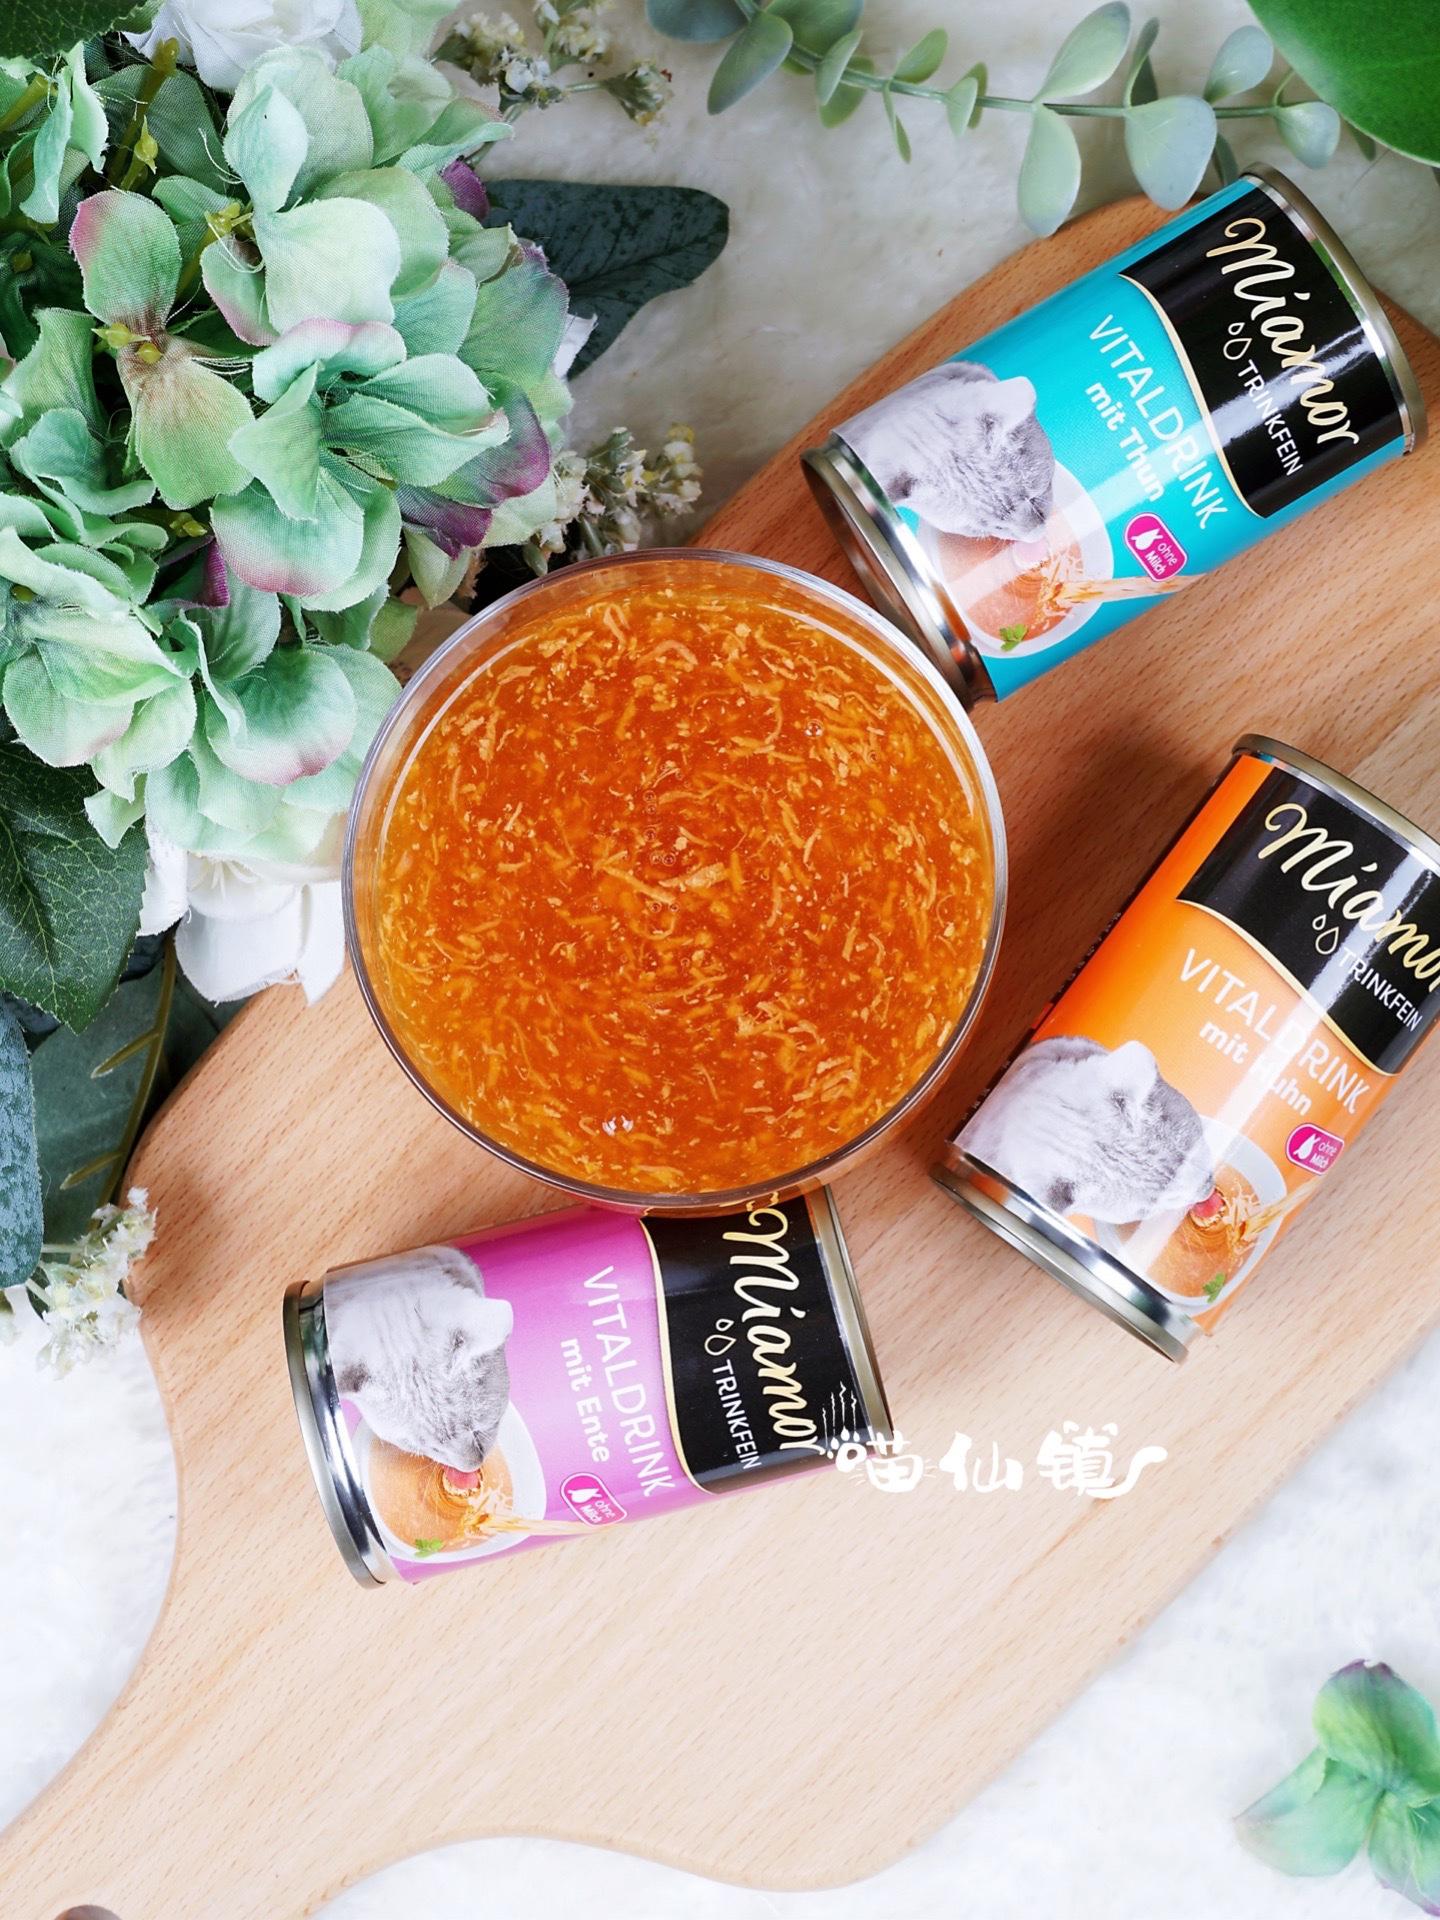 ドイツMiamor mami猫缶詰のスープは上質です。猫のおやつは猫の尿路感染を予防してくれます。